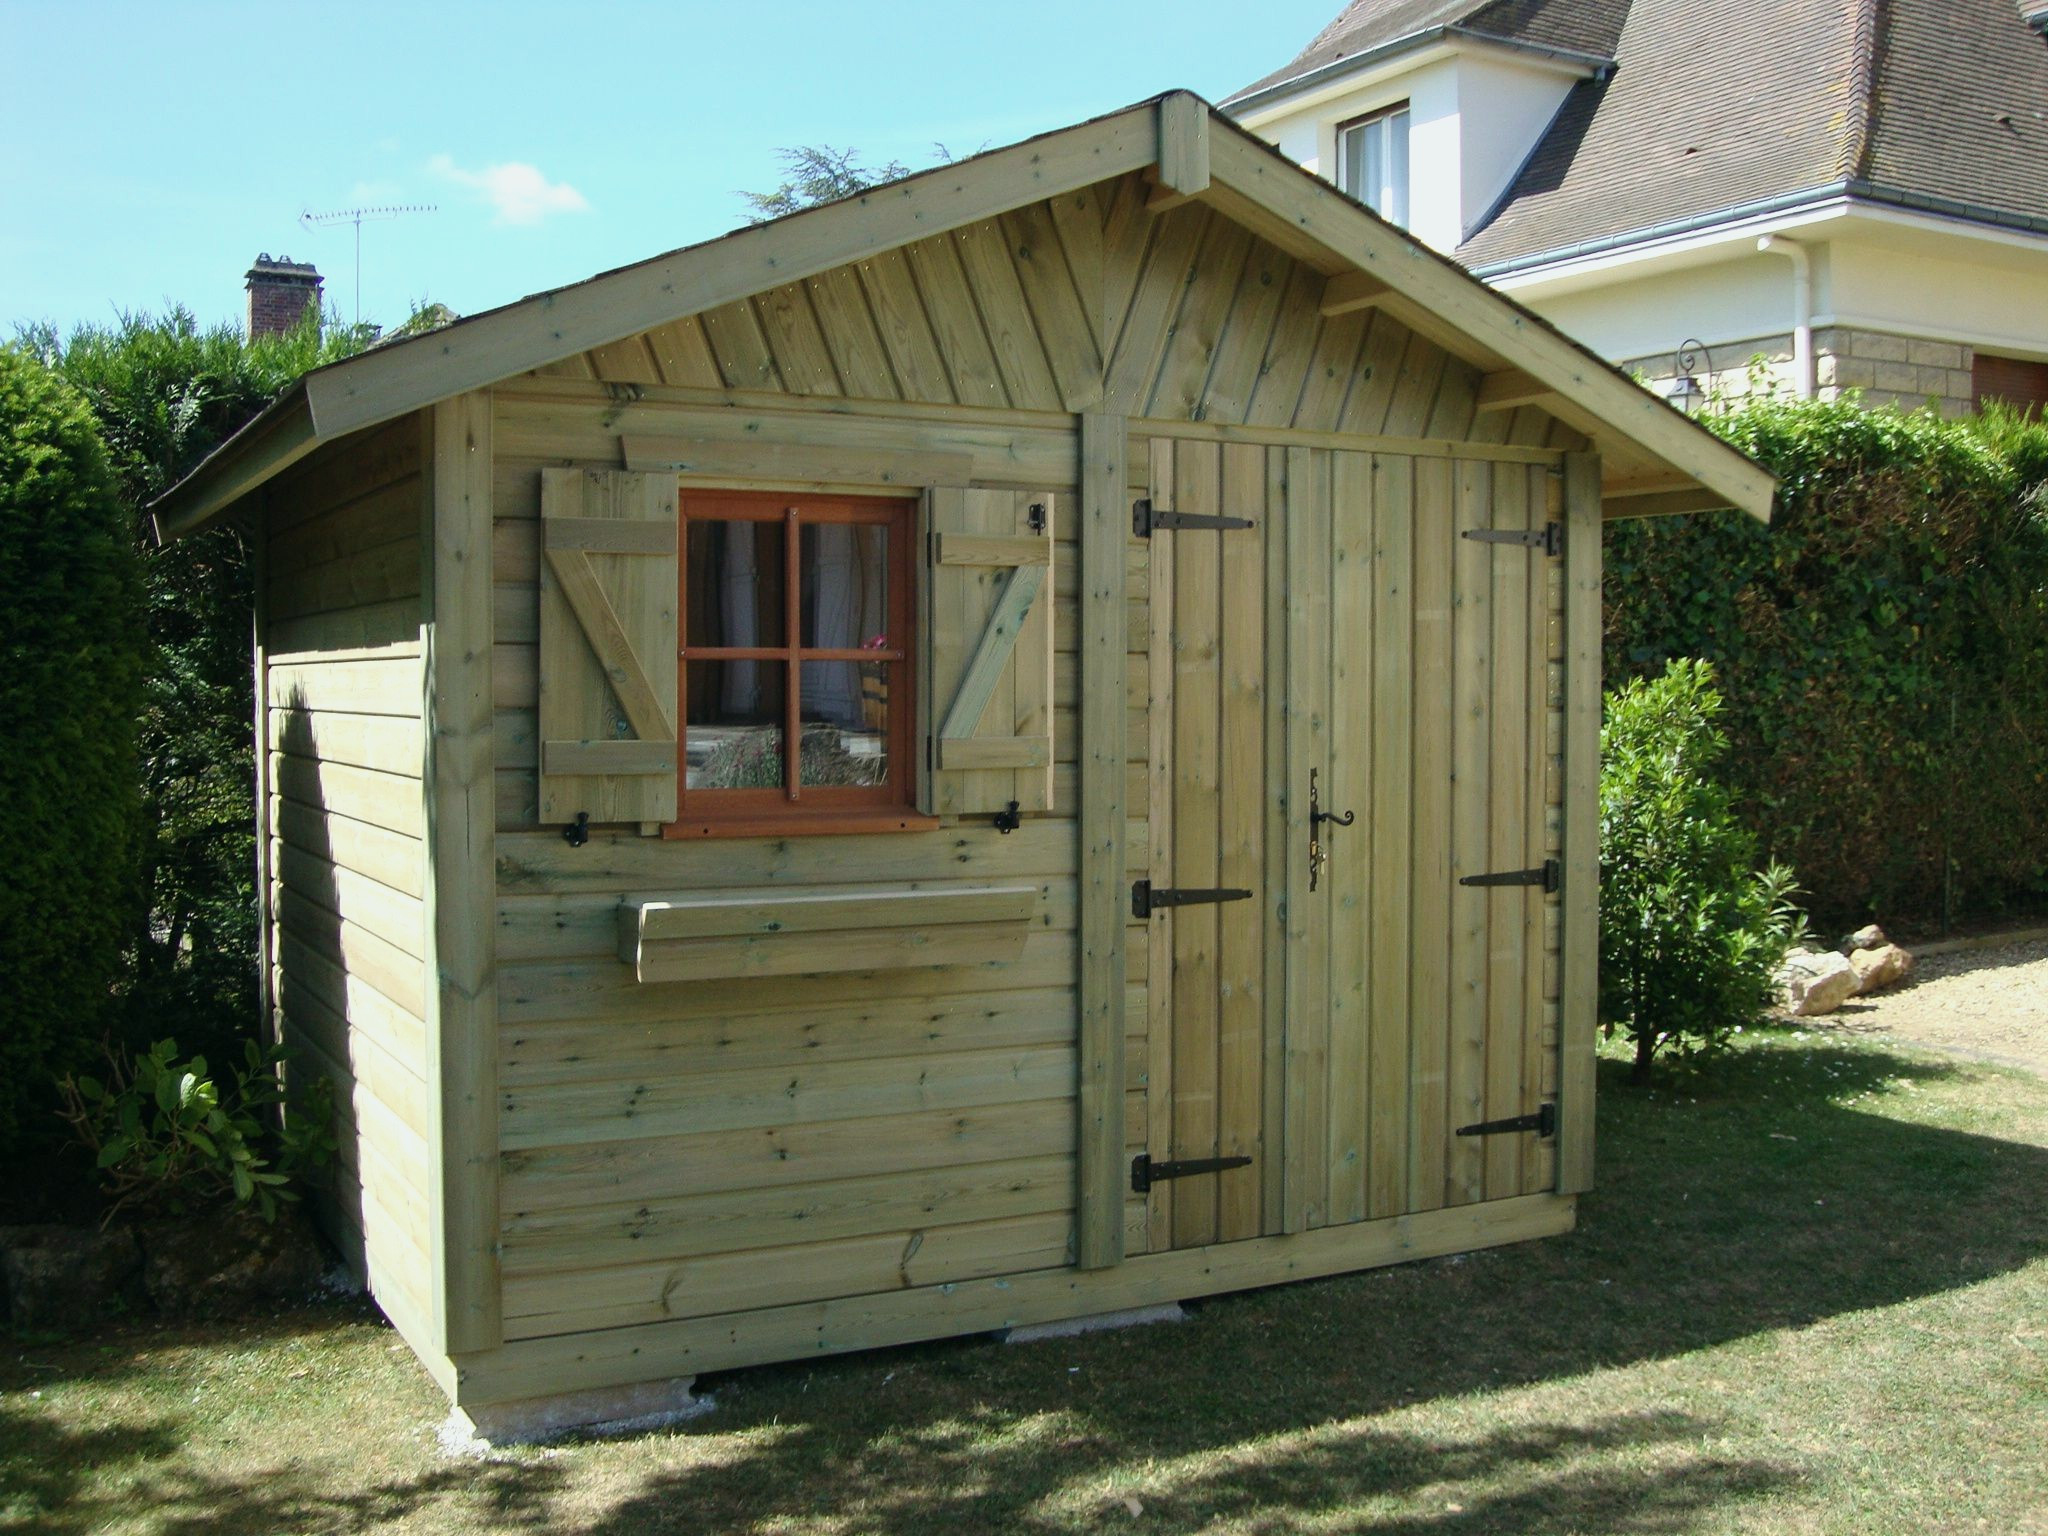 Cabanes De Jardin Leroy Merlin Inspirant Galerie 41 Incroyable Vues De Abri Jardin Brico Depot